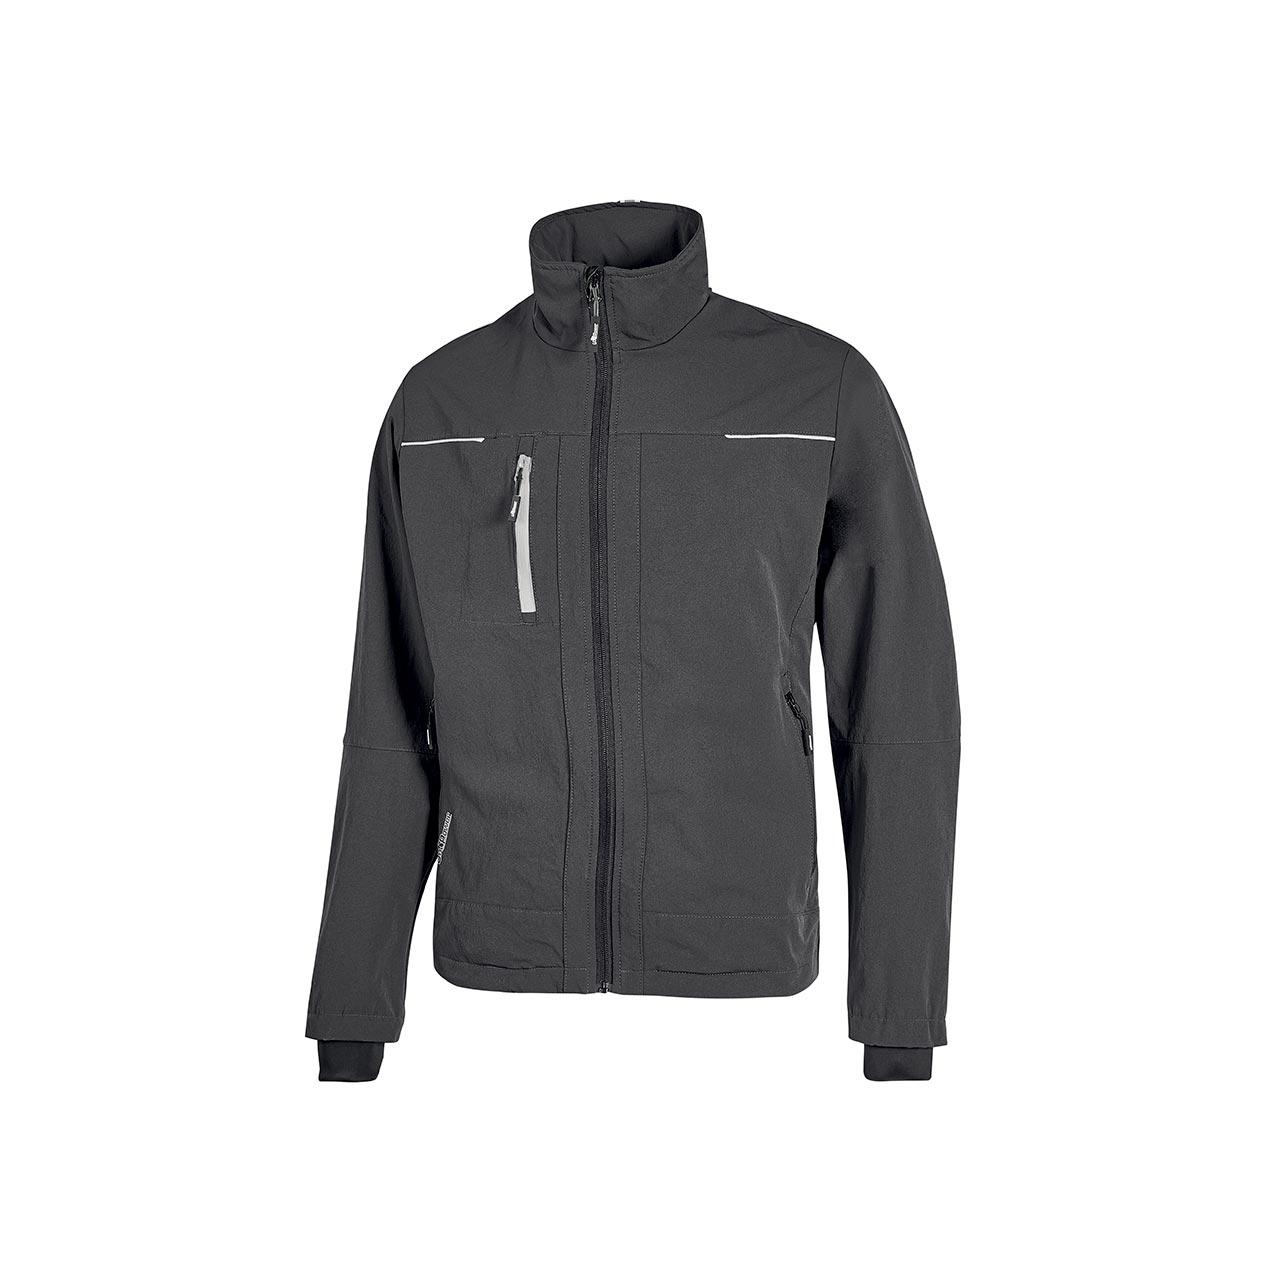 giacca da lavoro upower modello pluton colore asphalt grey